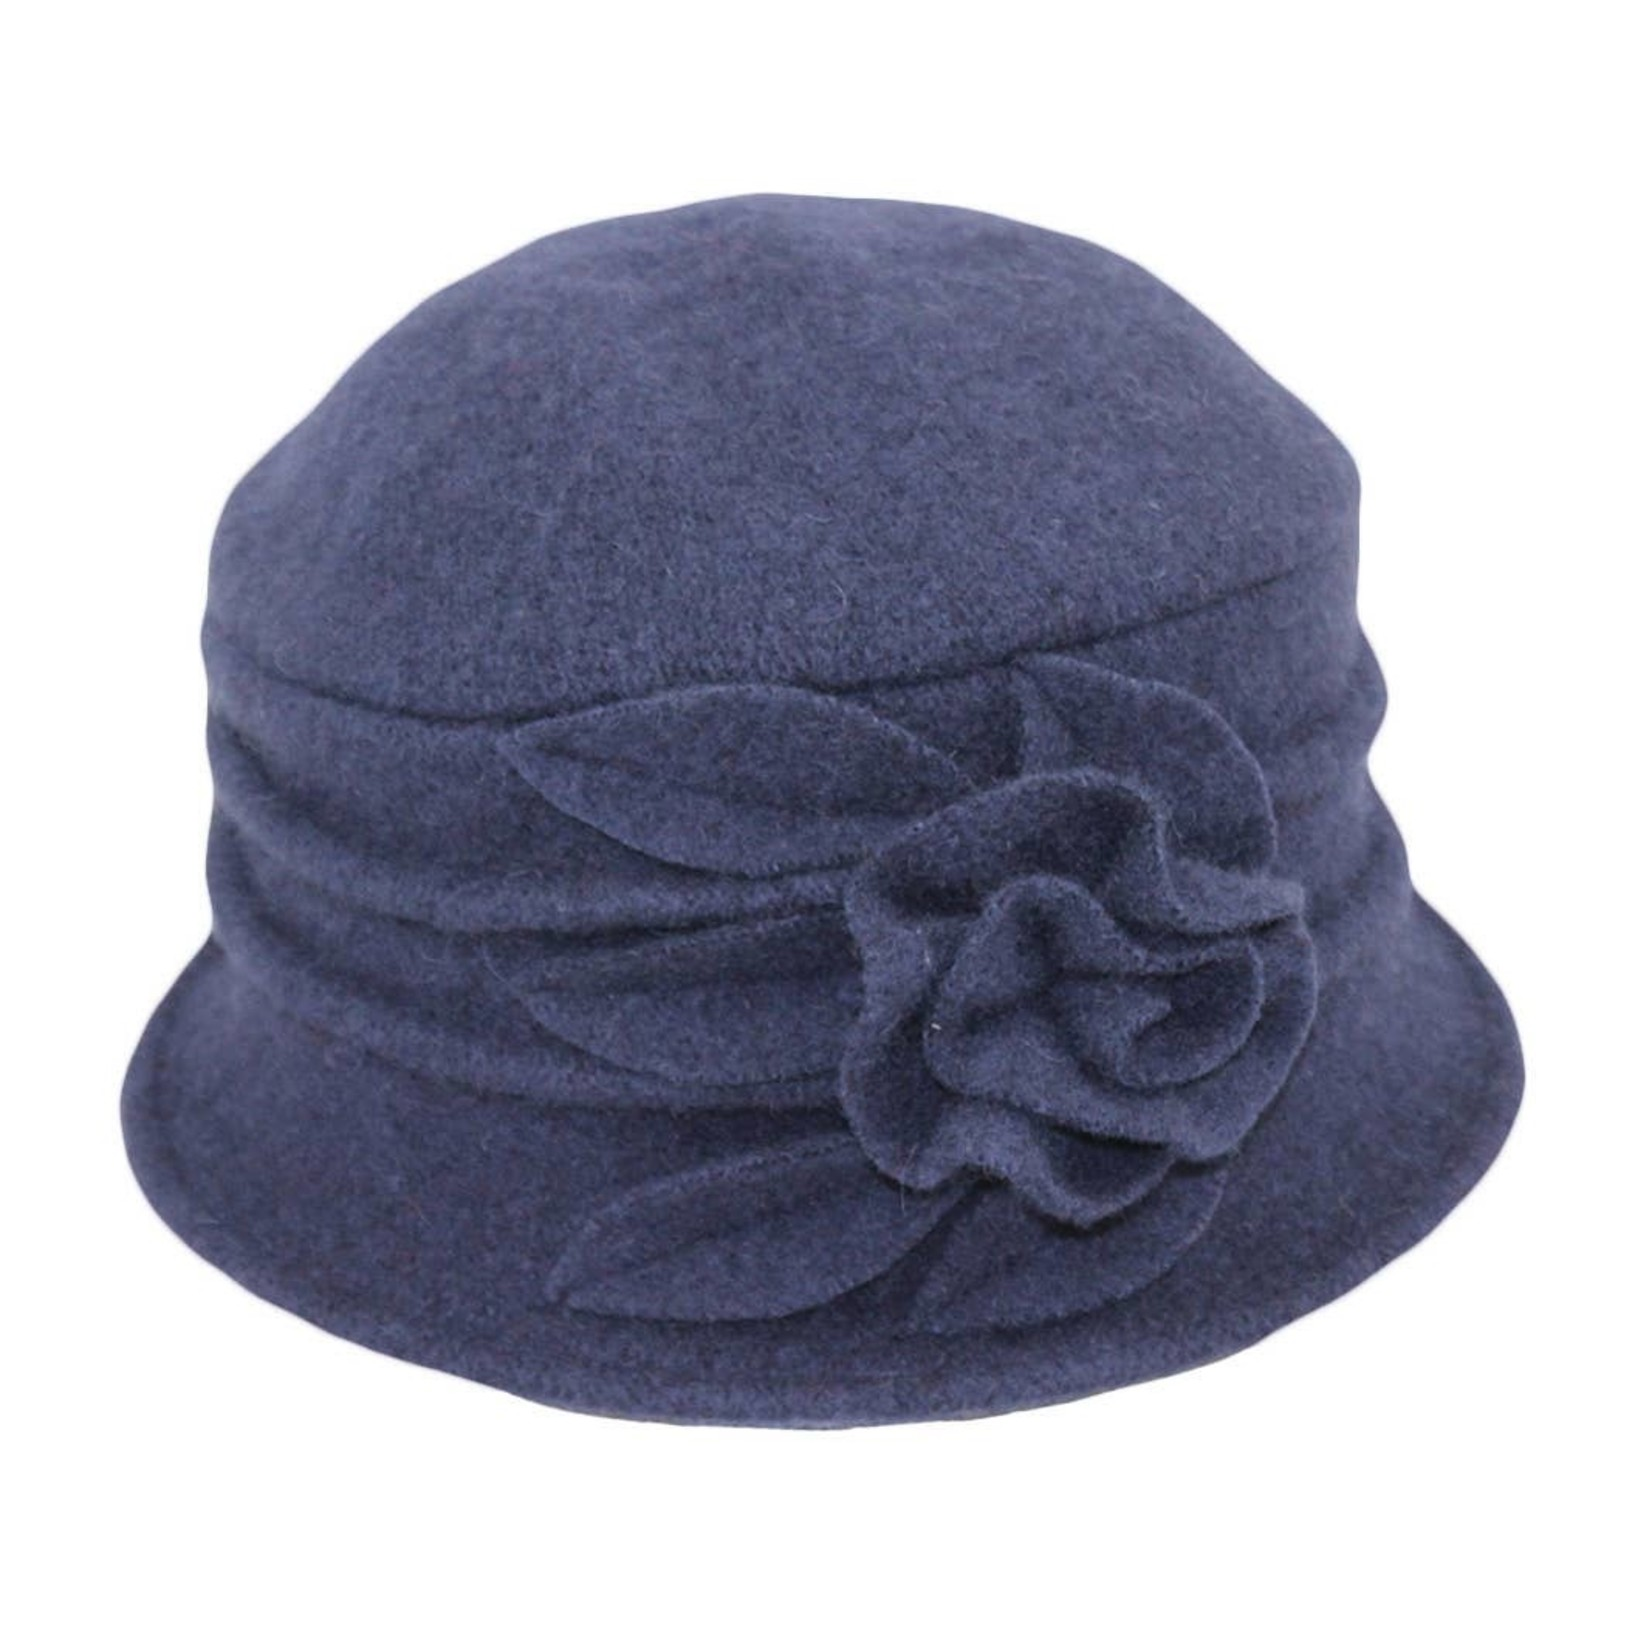 Jeanne Simmons Boiled Wool Bucket Hat w/ Ridges & Flower in Navy